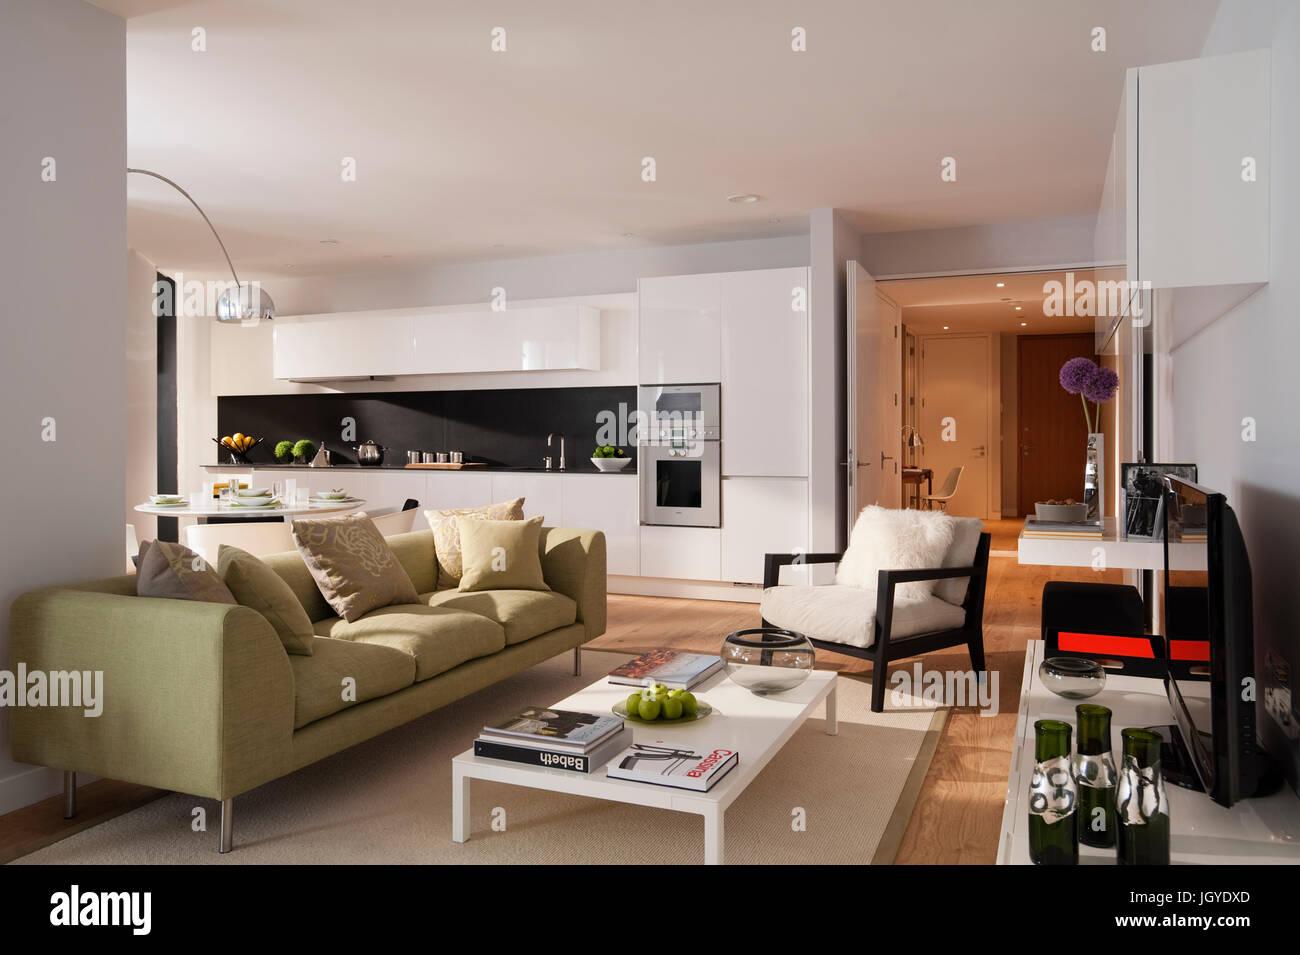 Plan abierto salón y cocina con sofá verde Imagen De Stock